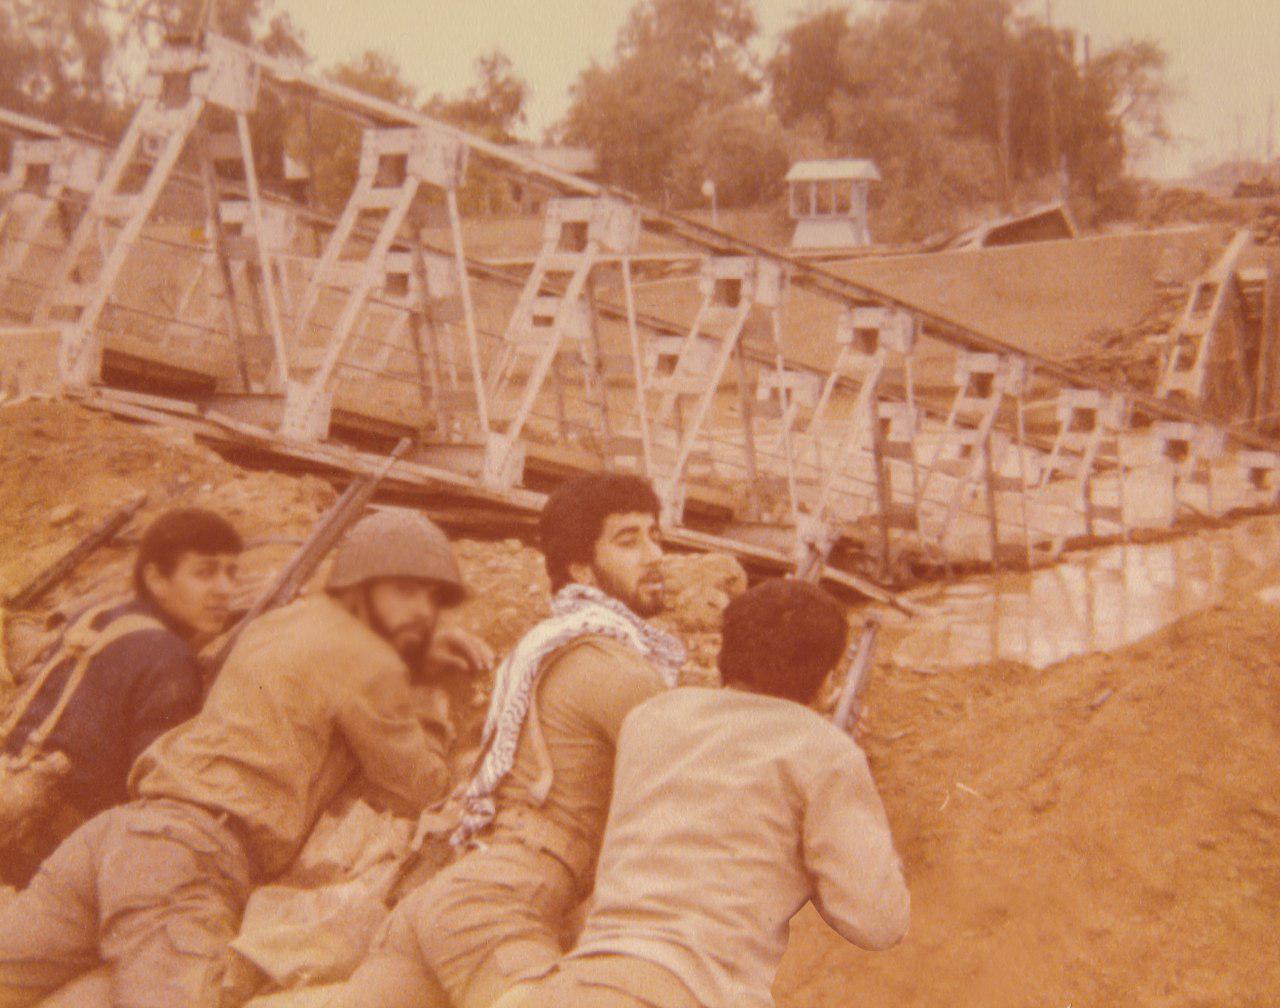 تصاویر دیده نشده از حضور حمید معصومی نژاد در عملیات آزادسازی سوسنگرد